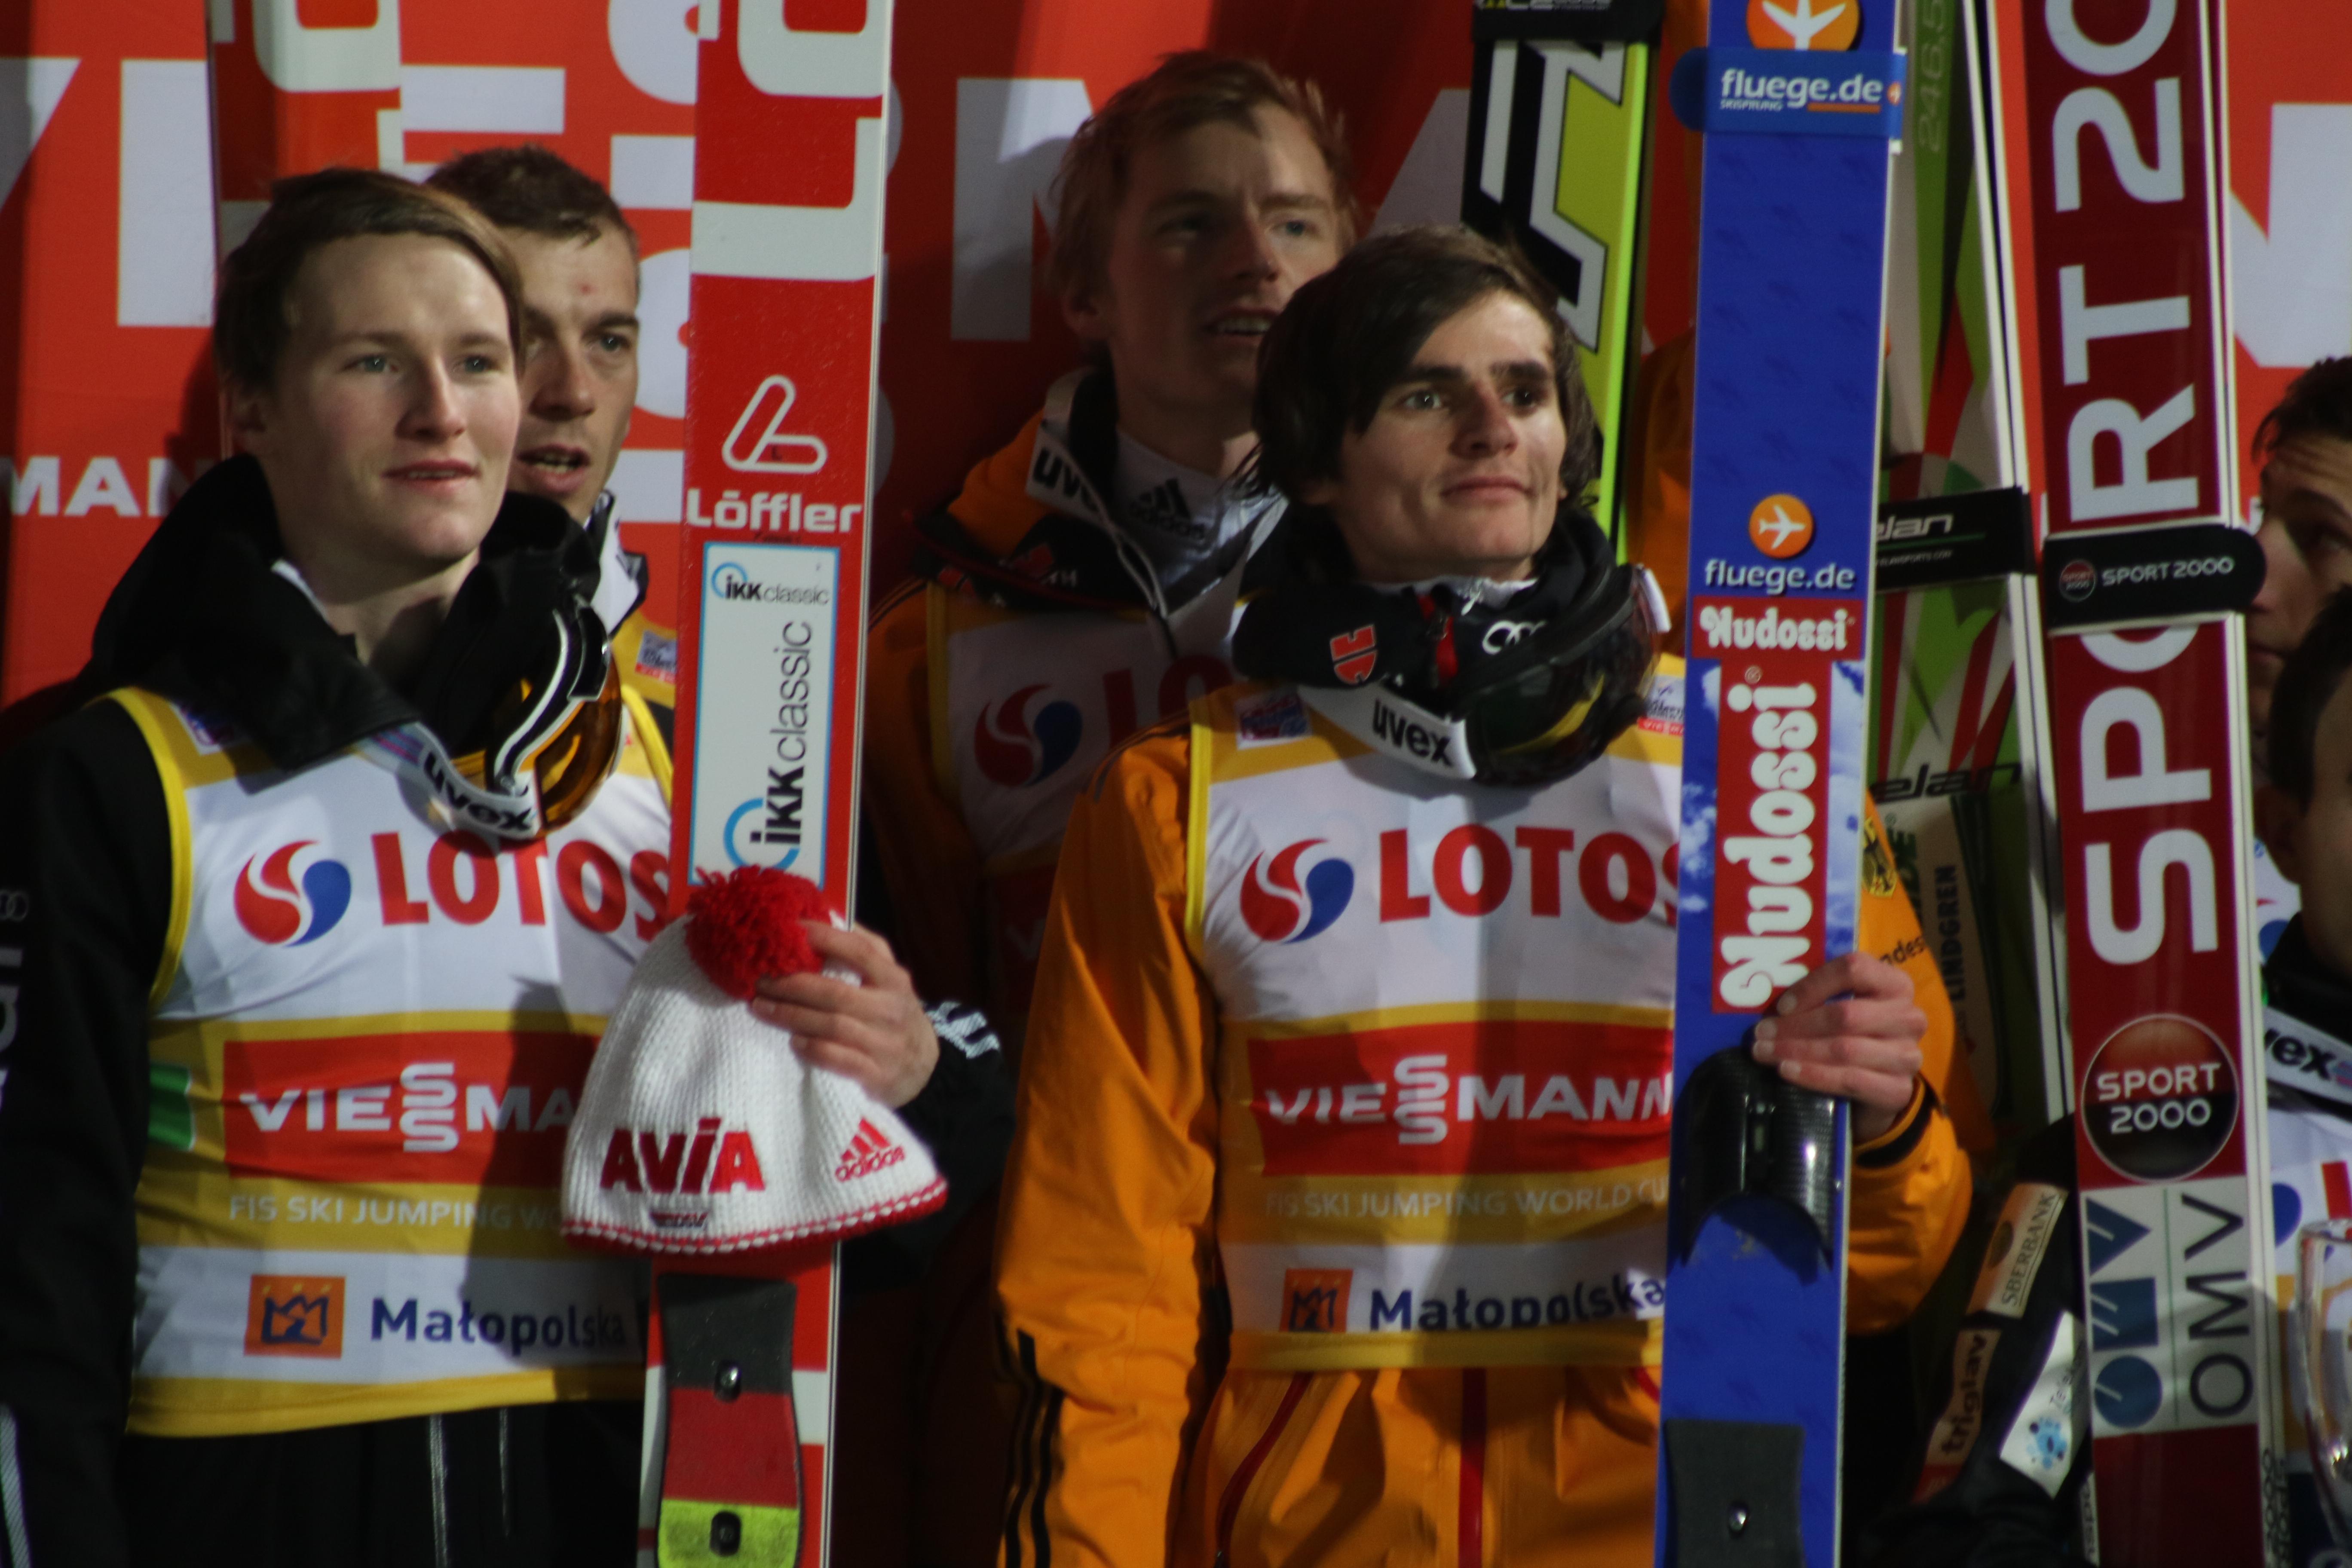 niemcy - Niemieccy skoczkowie narciarscy wesprą Nicka Fairalla!